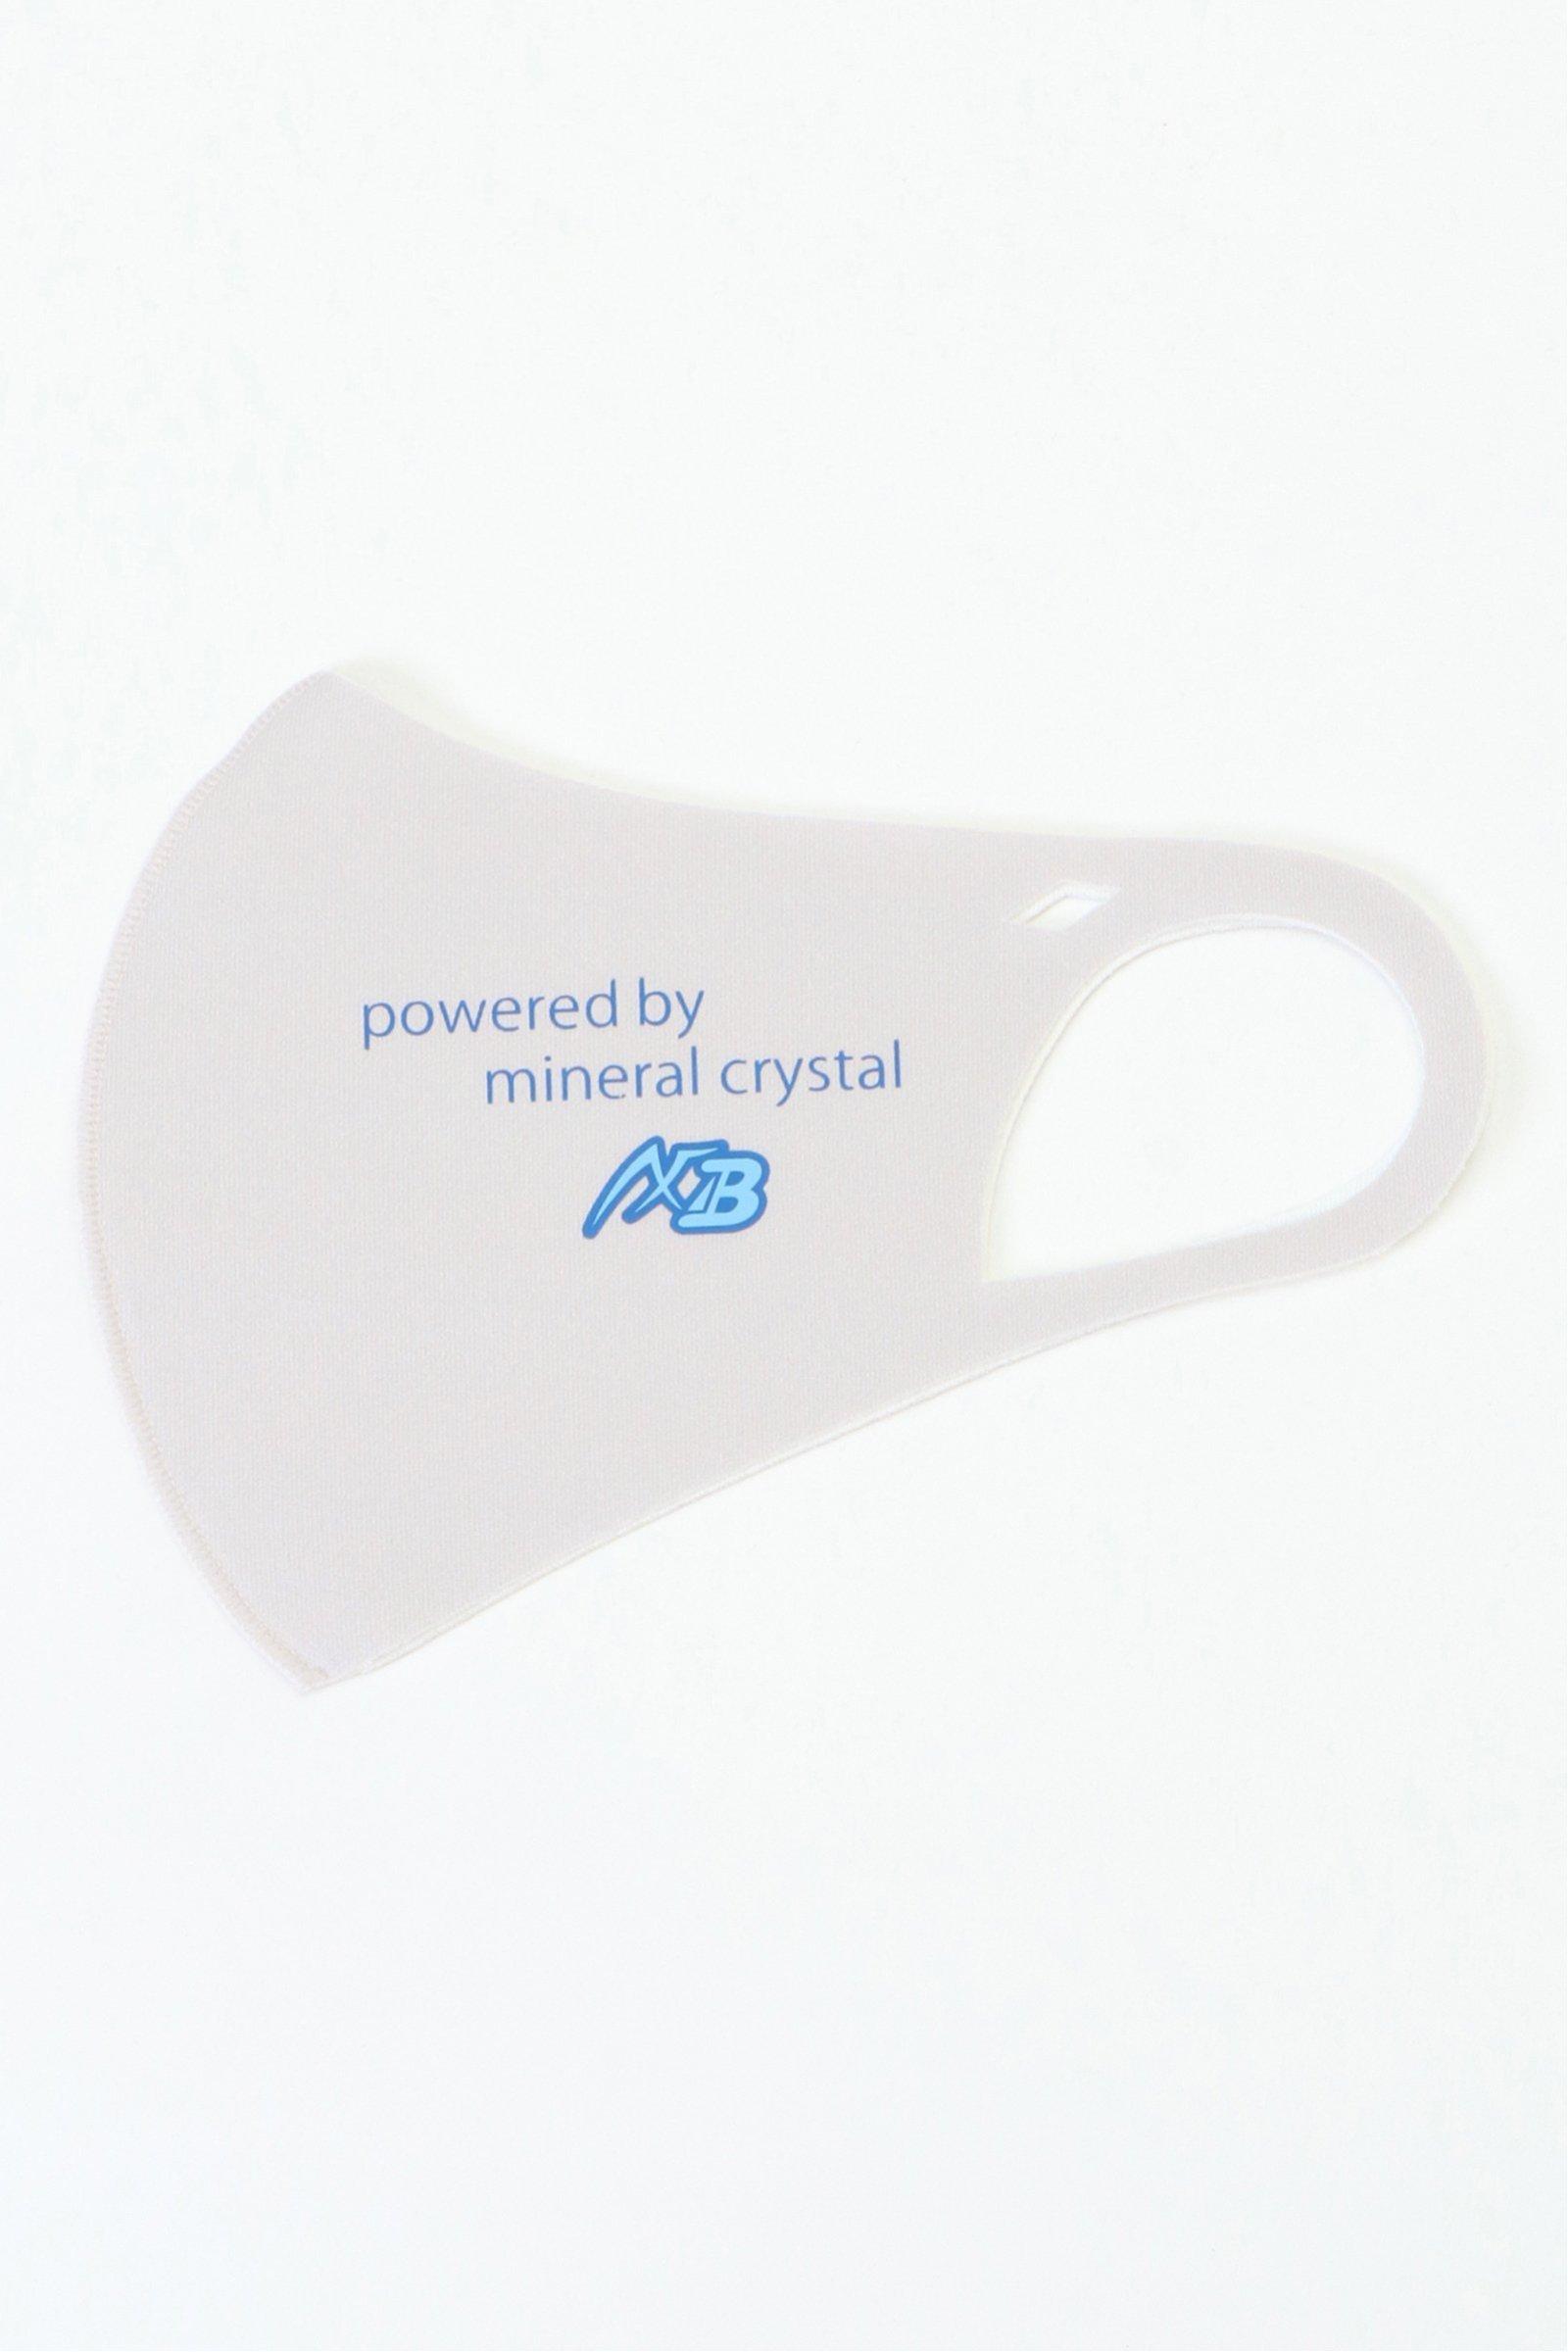 【おとな用】AXF アクセフ マスク 無地 XBロゴ グレー スカイブルー